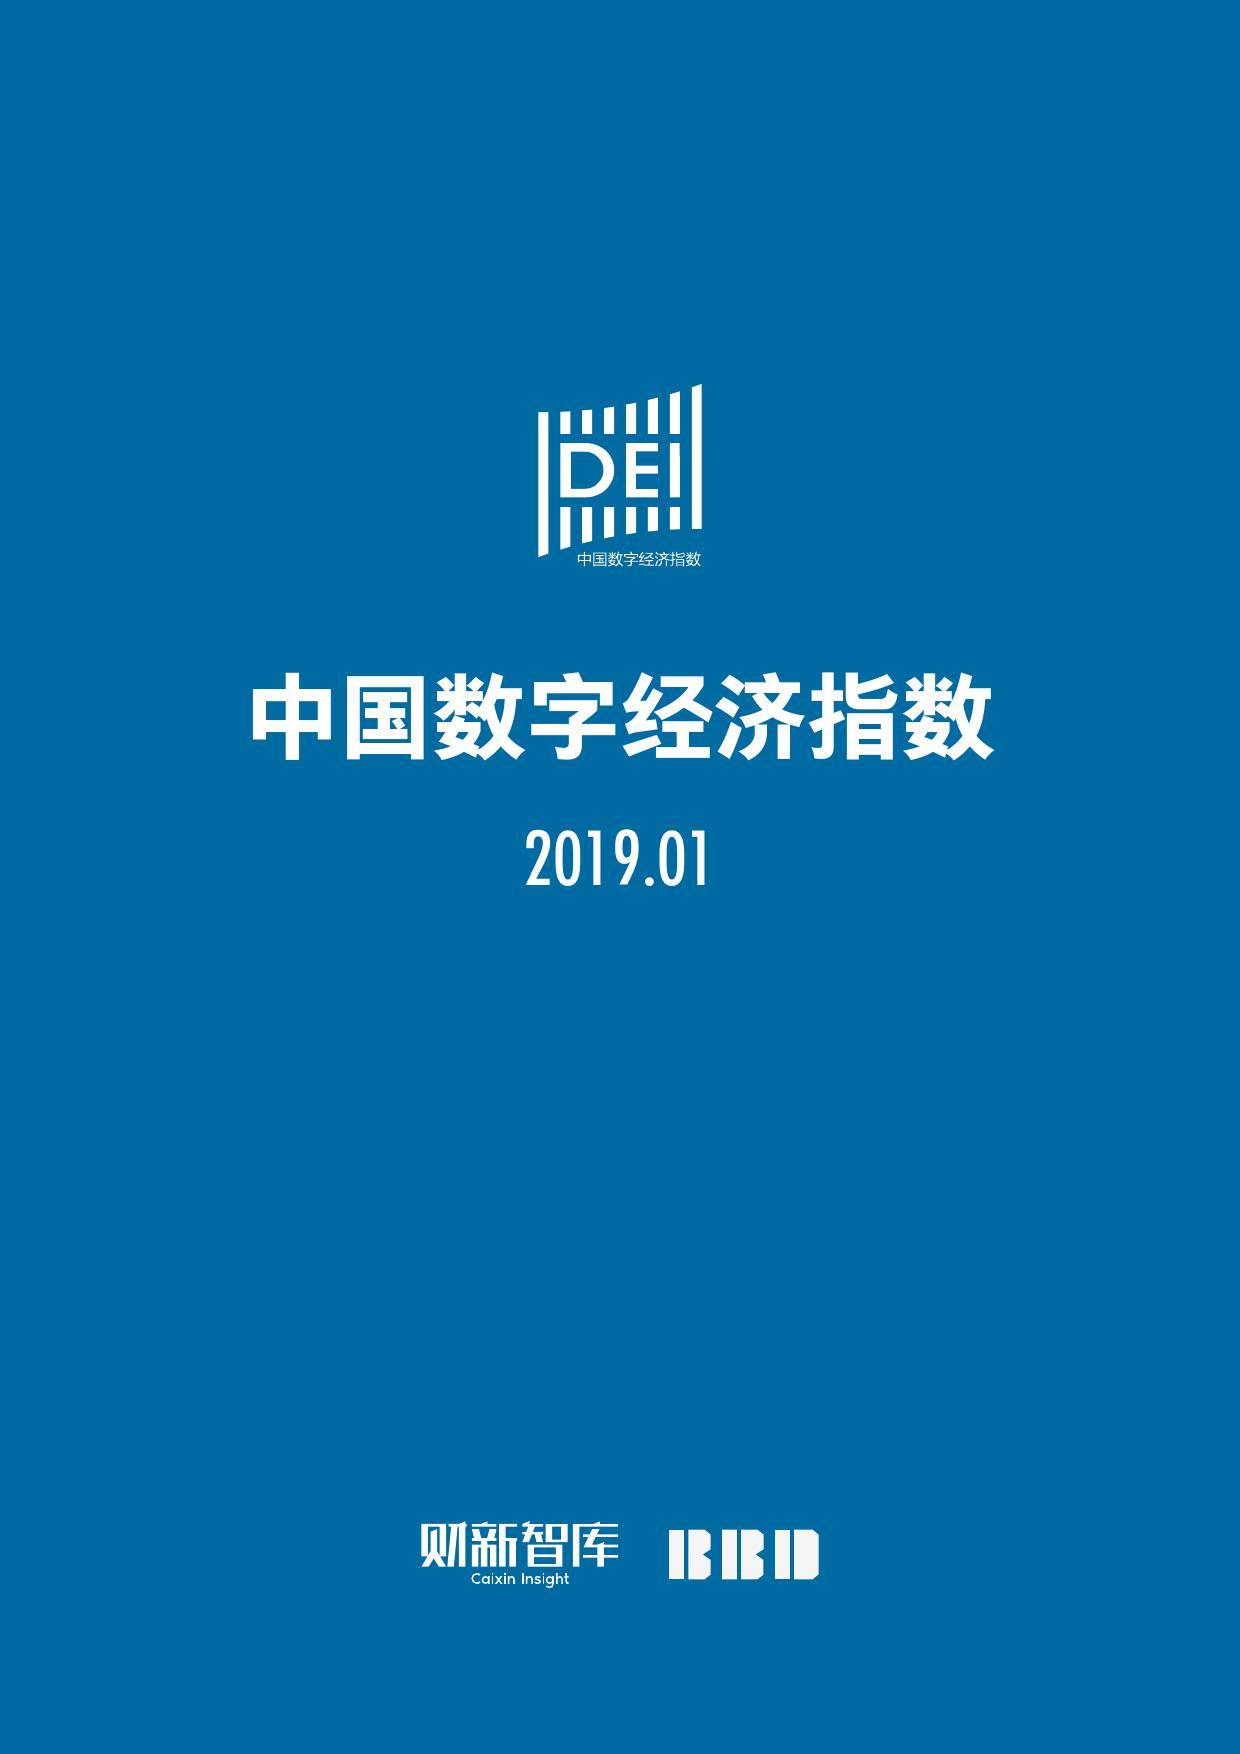 2019年经济关键词_2019关键词 复苏